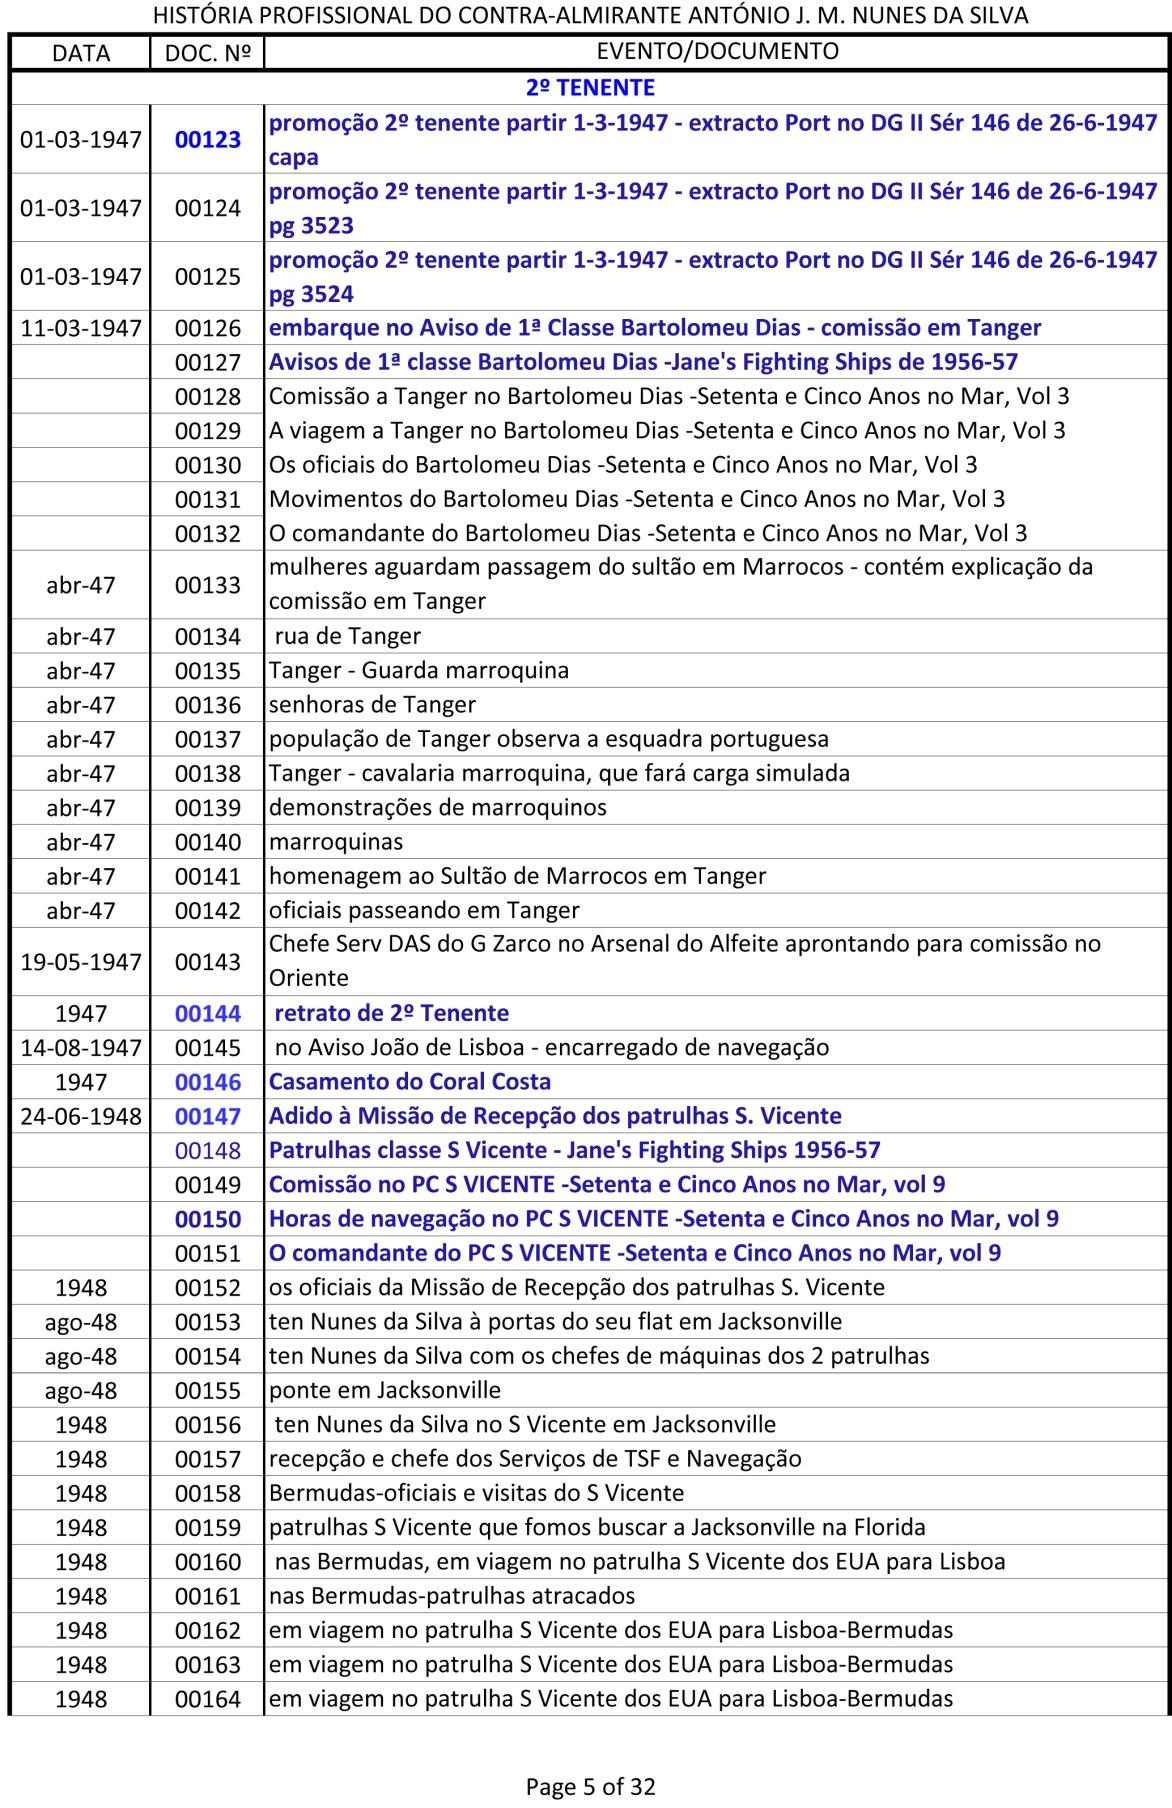 Índice dos documentos da História Profissional do CAlm Nunes da Silva -1943 a 1991-5